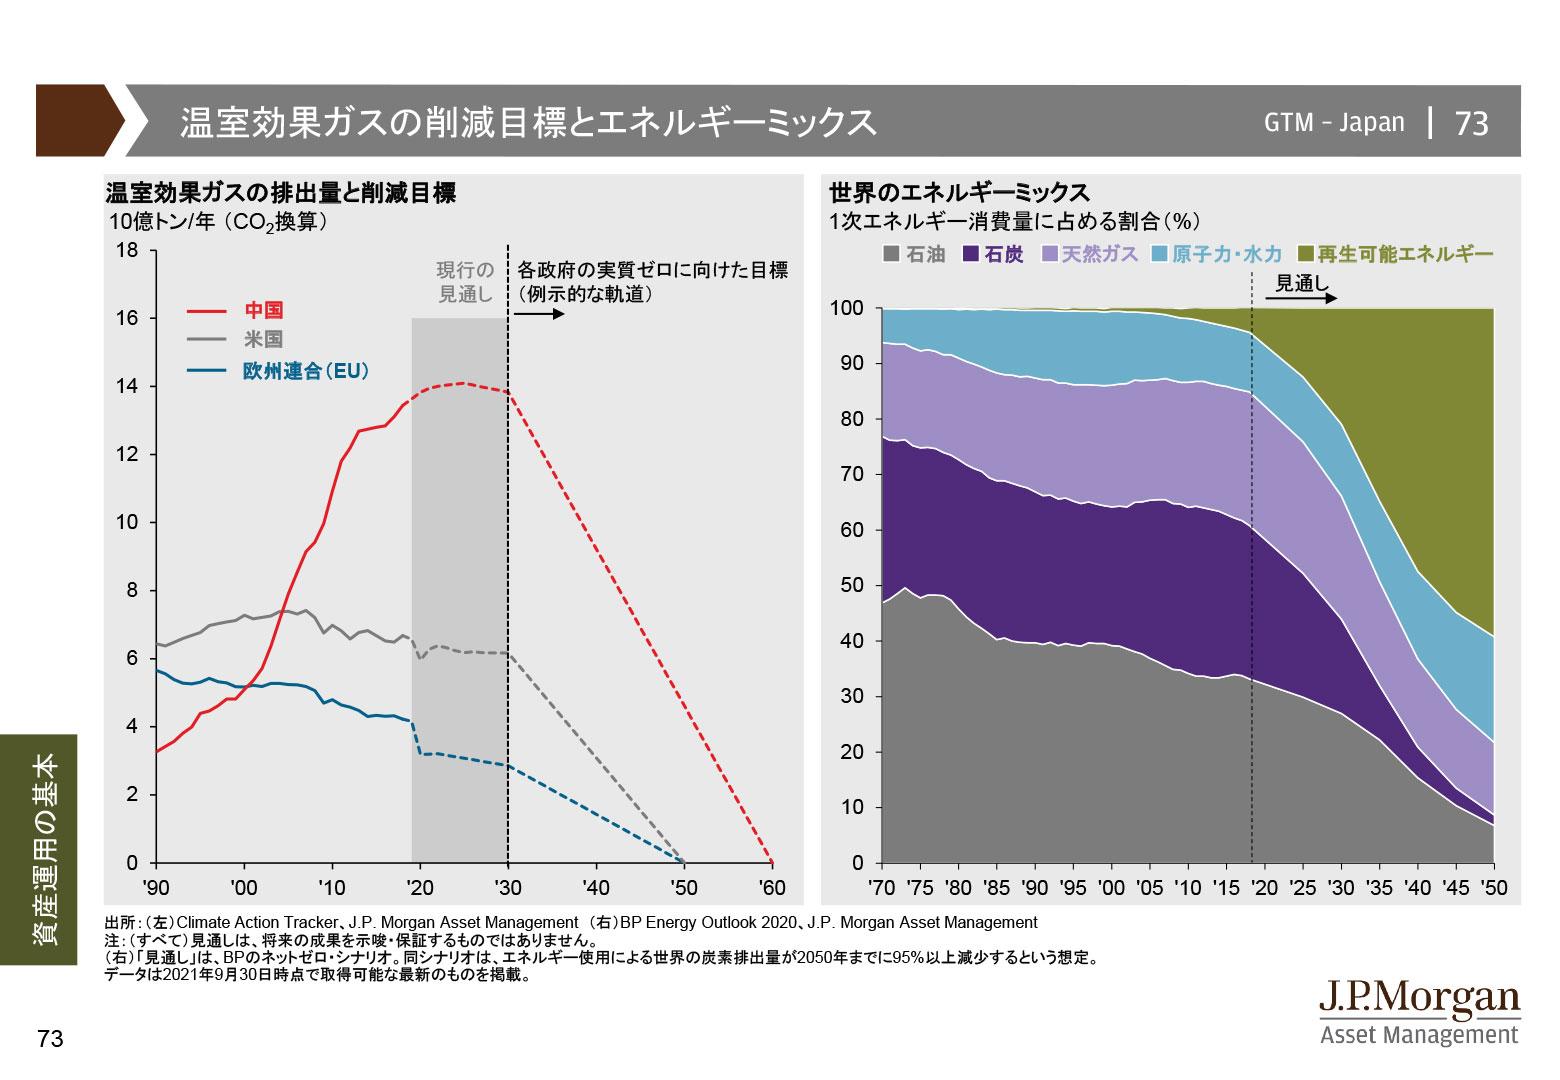 温室効果ガスの削減目標とエネルギーミックス